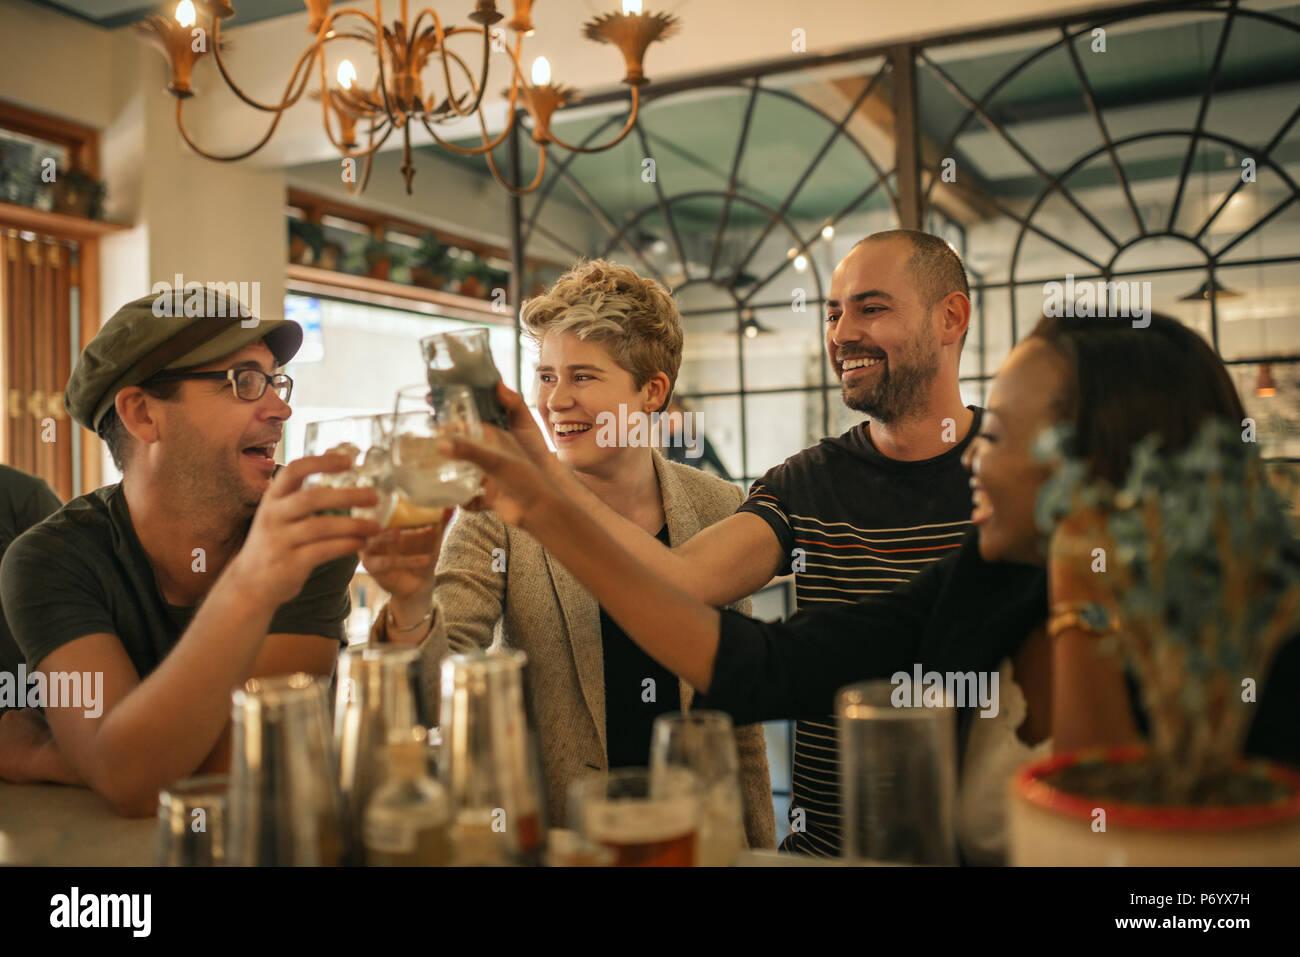 Grupo de Amigos vitoreando con bebidas en un bar de moda Imagen De Stock